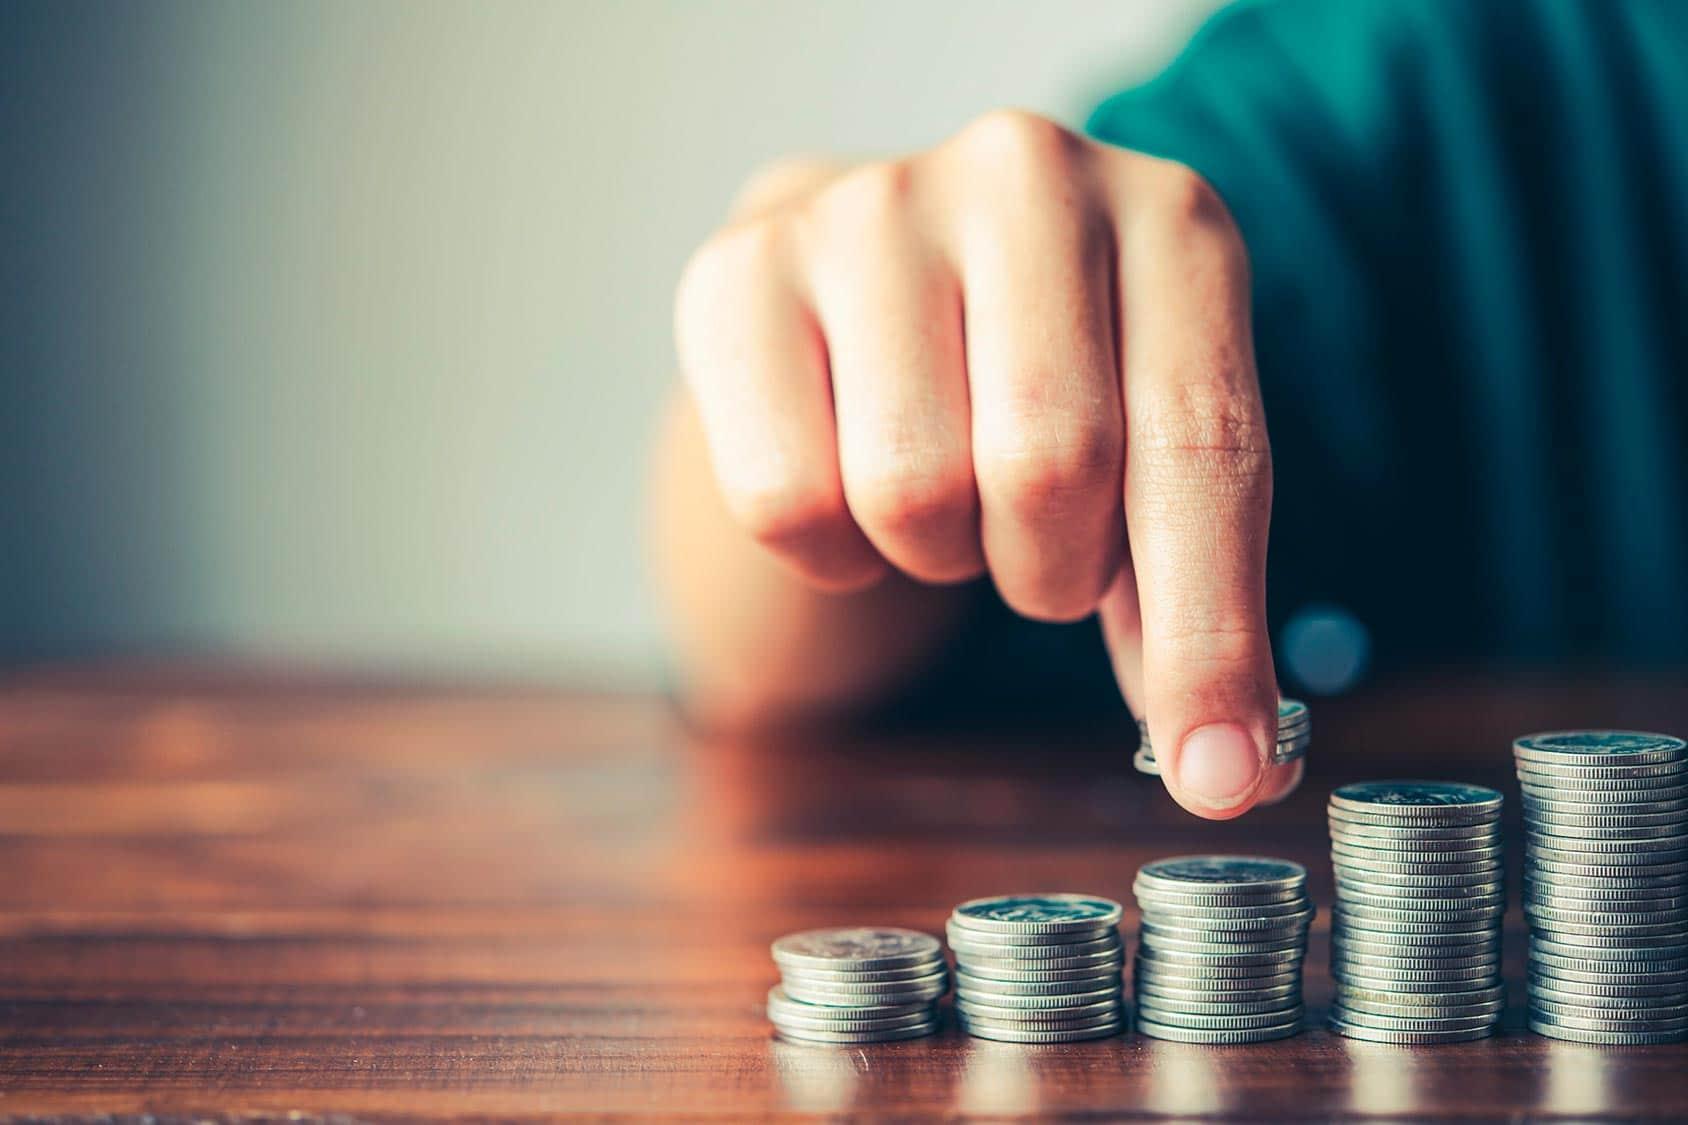 Curso Técnico em Finanças | Central Pronatec